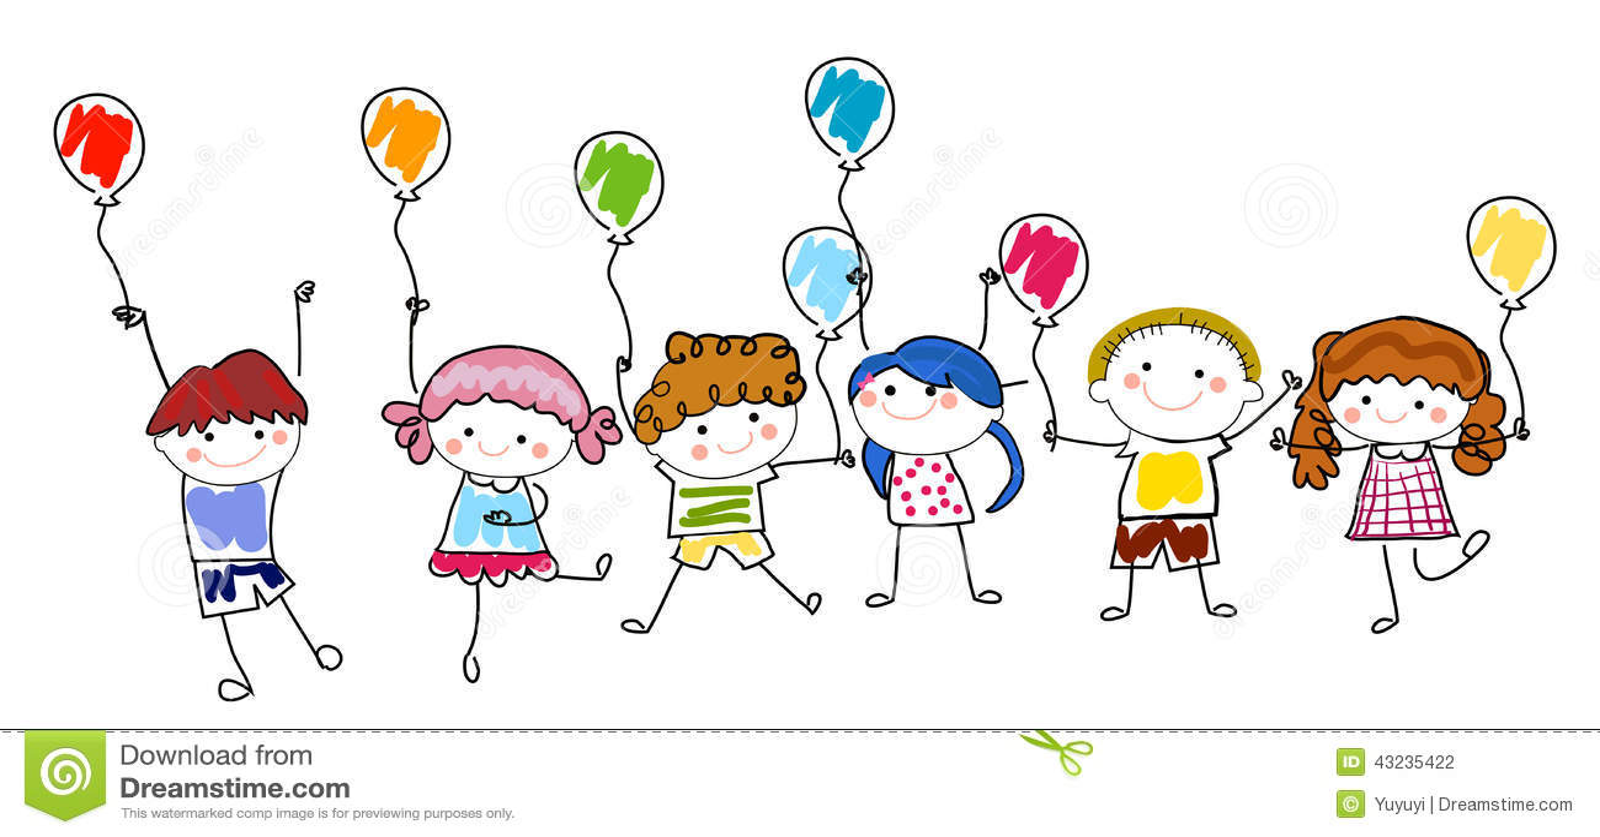 Kinder und Ballon vektor abbildung. Illustration von ...